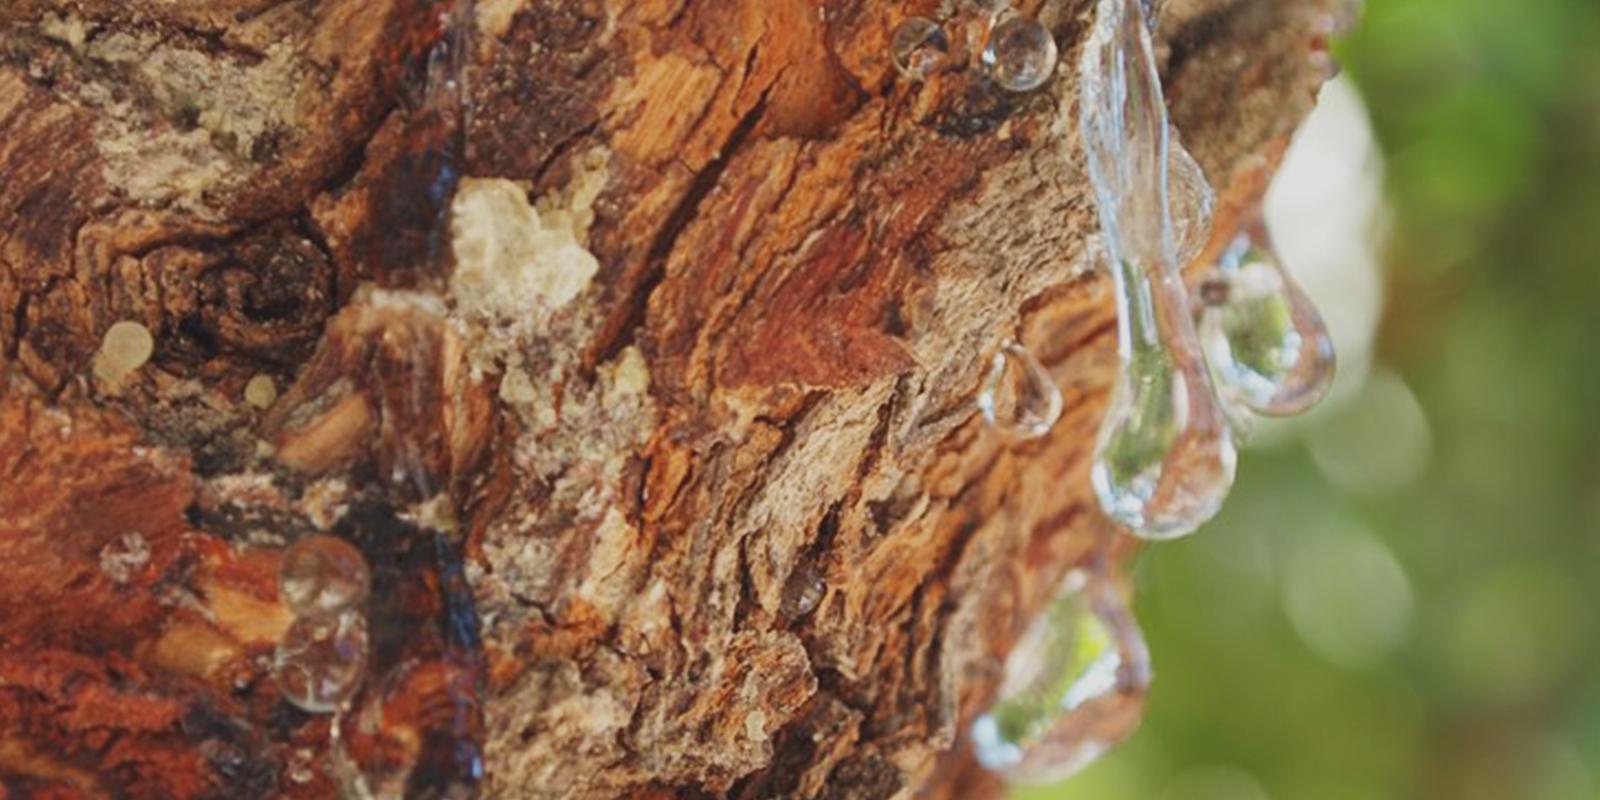 Strom řečník lentišek, ze kterého se získává masticha